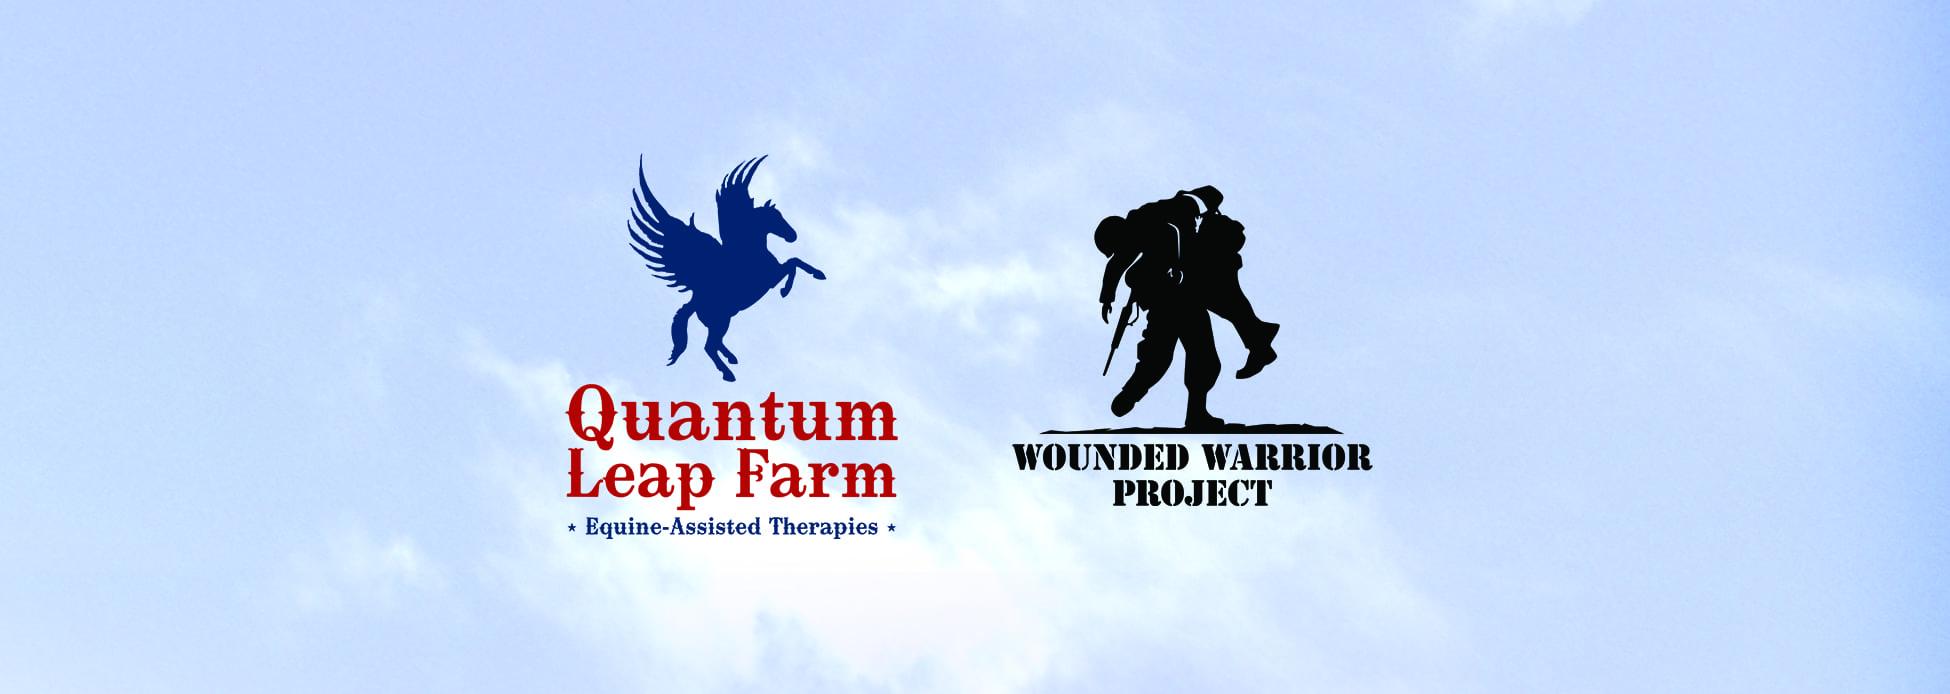 WWP_FFD_header